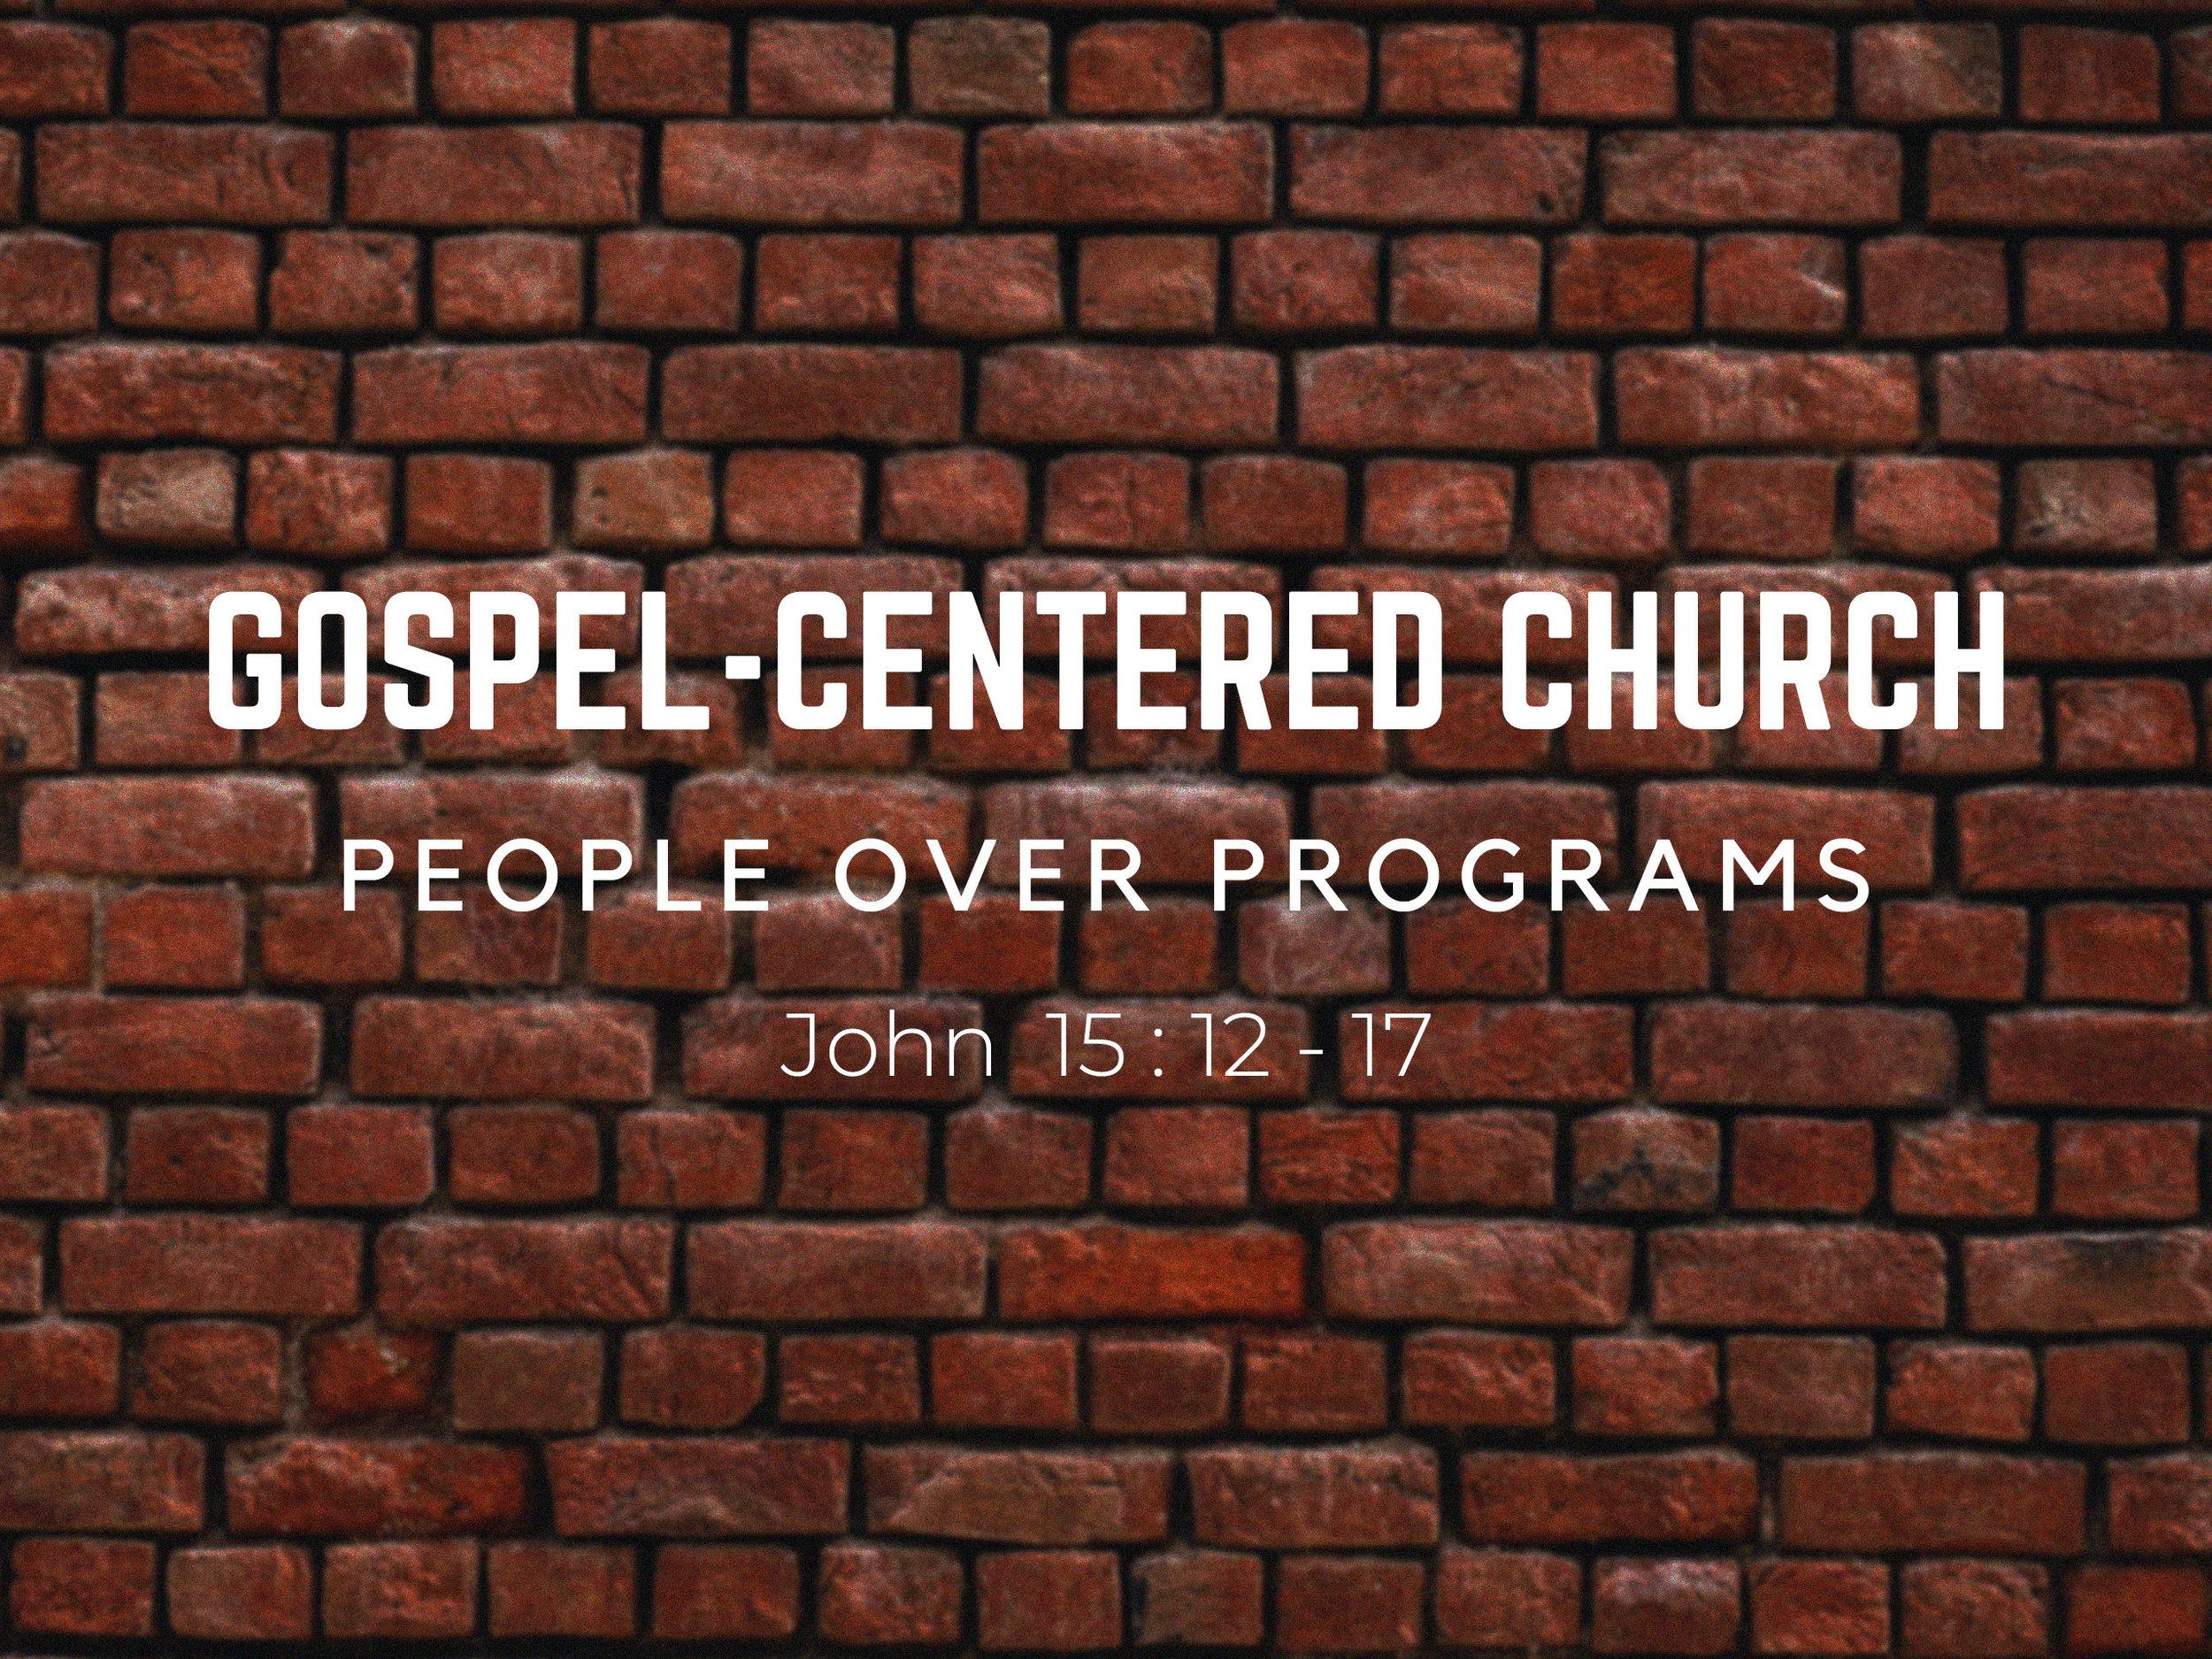 2019.02.03 Gospel Centered Church Sermon Slide.jpg